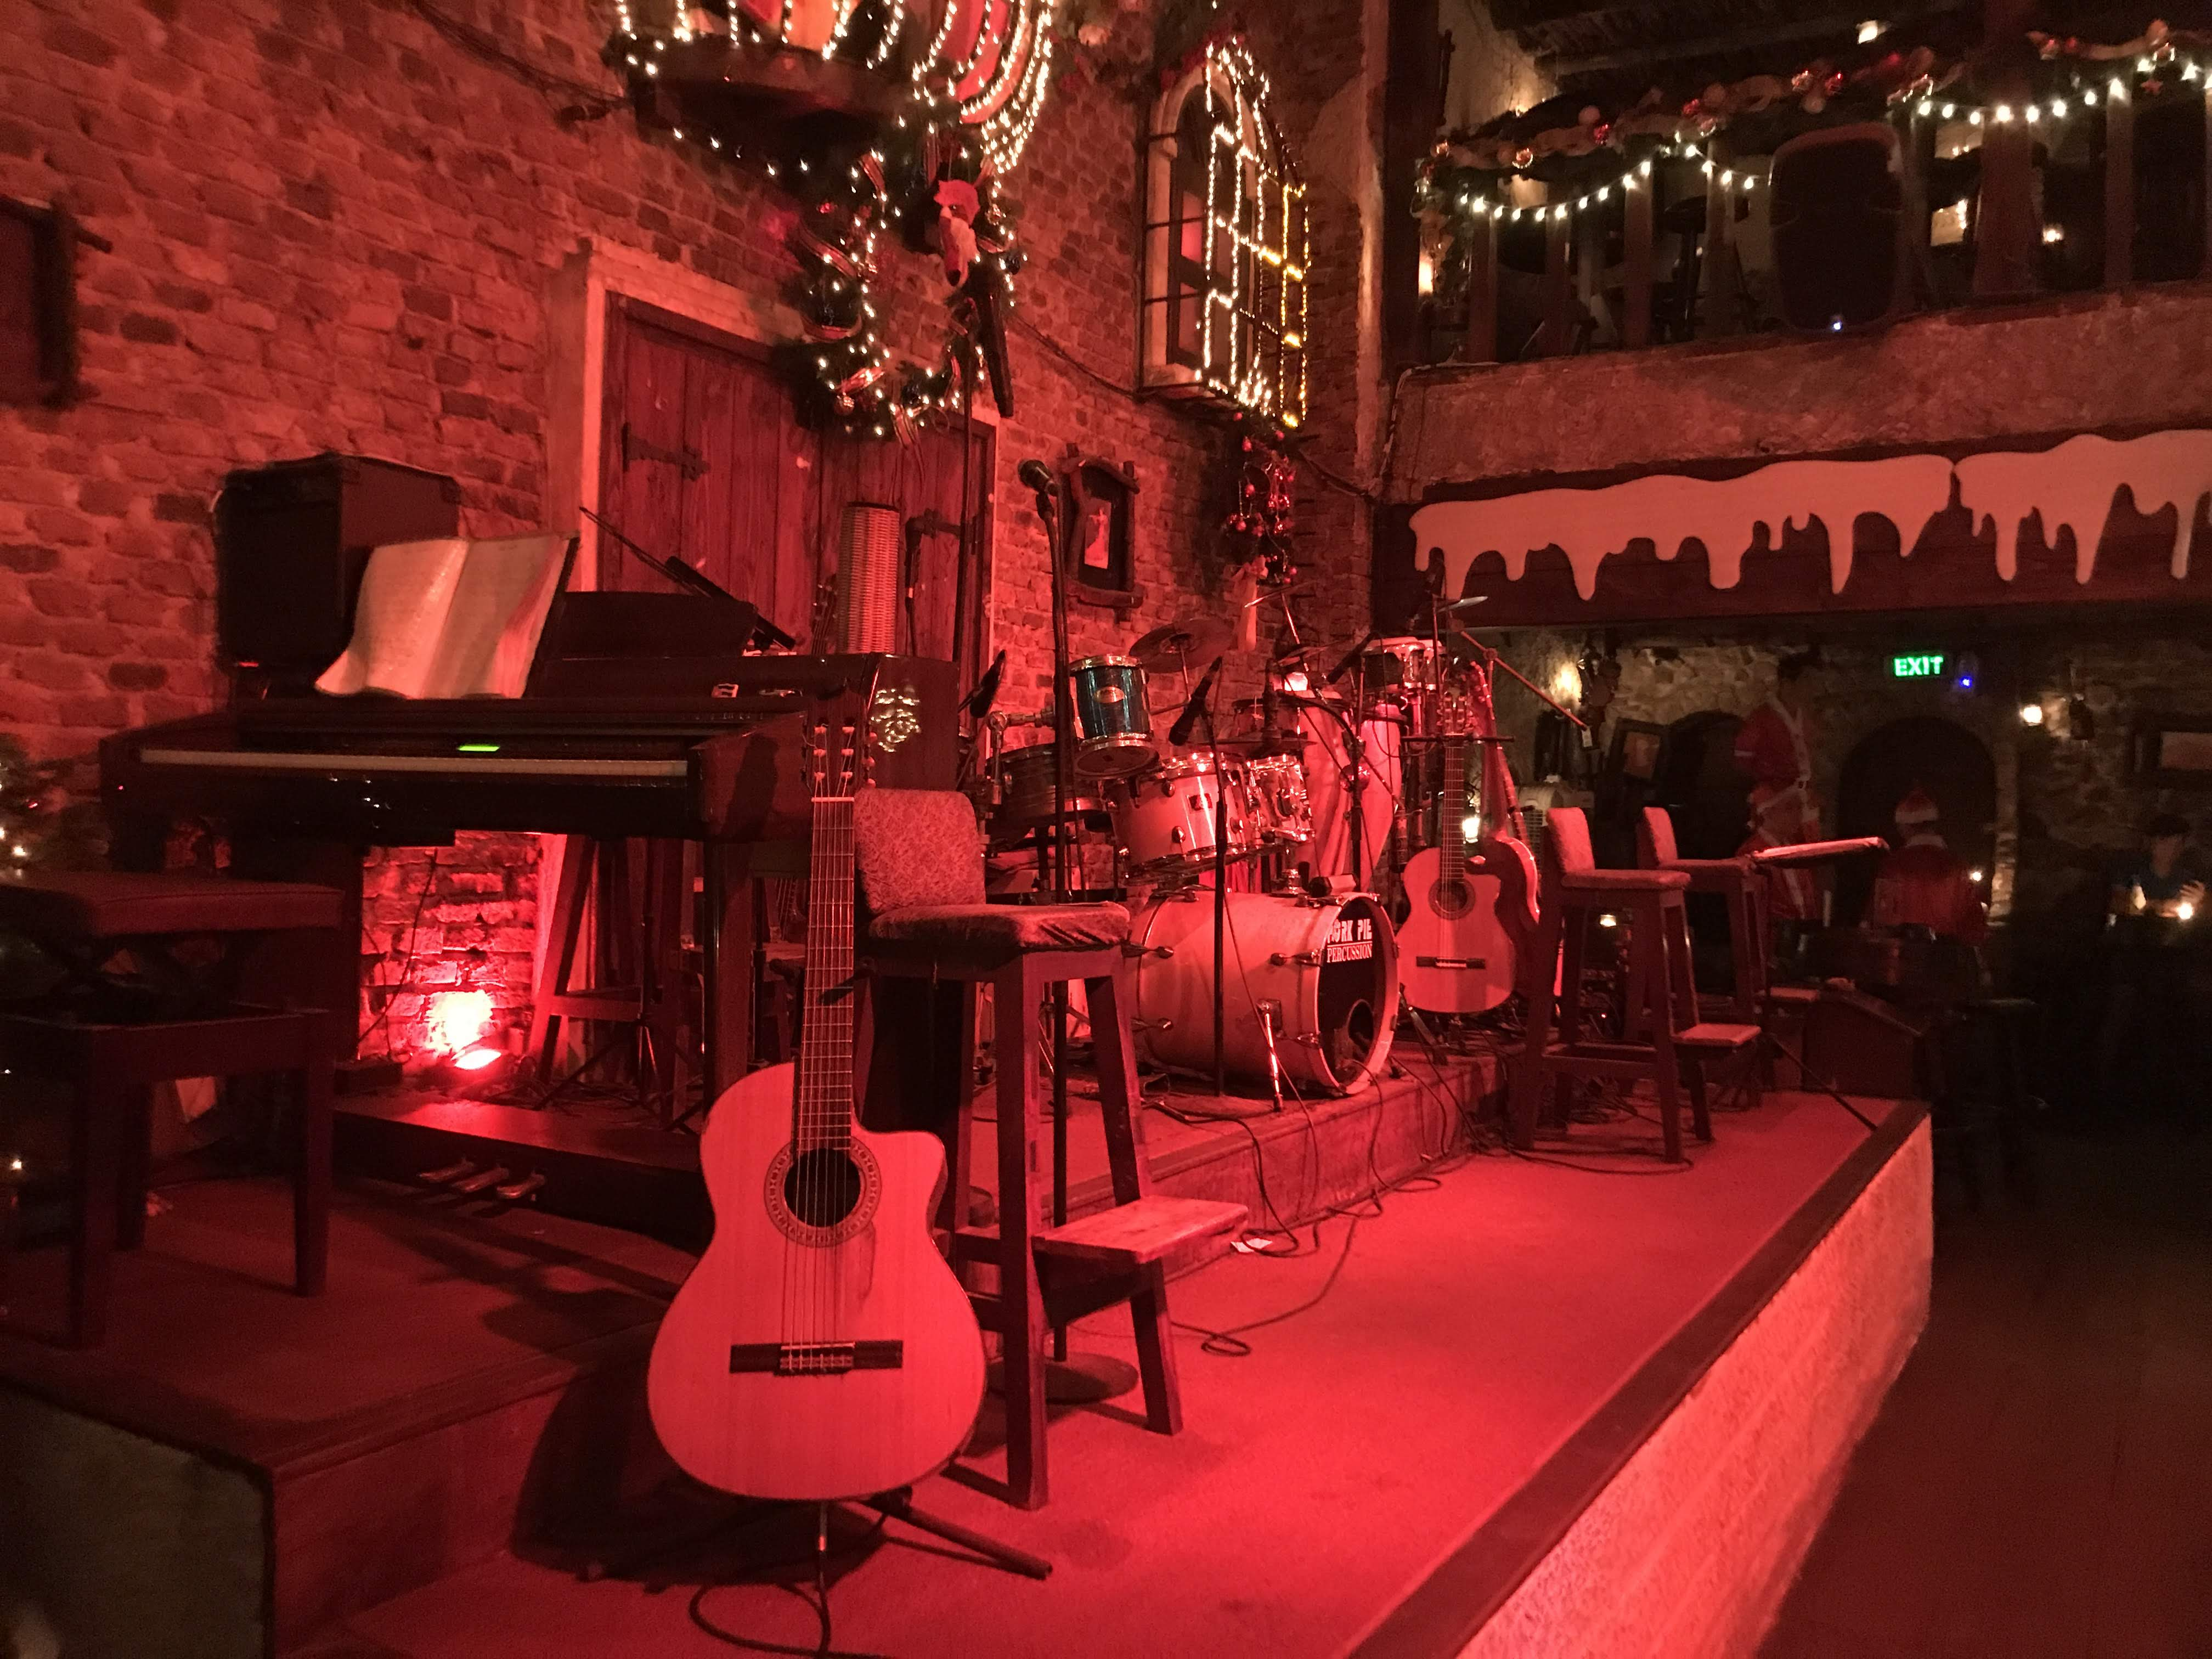 今夜、レタントン近くのバー【Carmen Bar】ではミュージックライブが開催!! ,ベトナム,ホーチミン,レタントン,バー,音楽